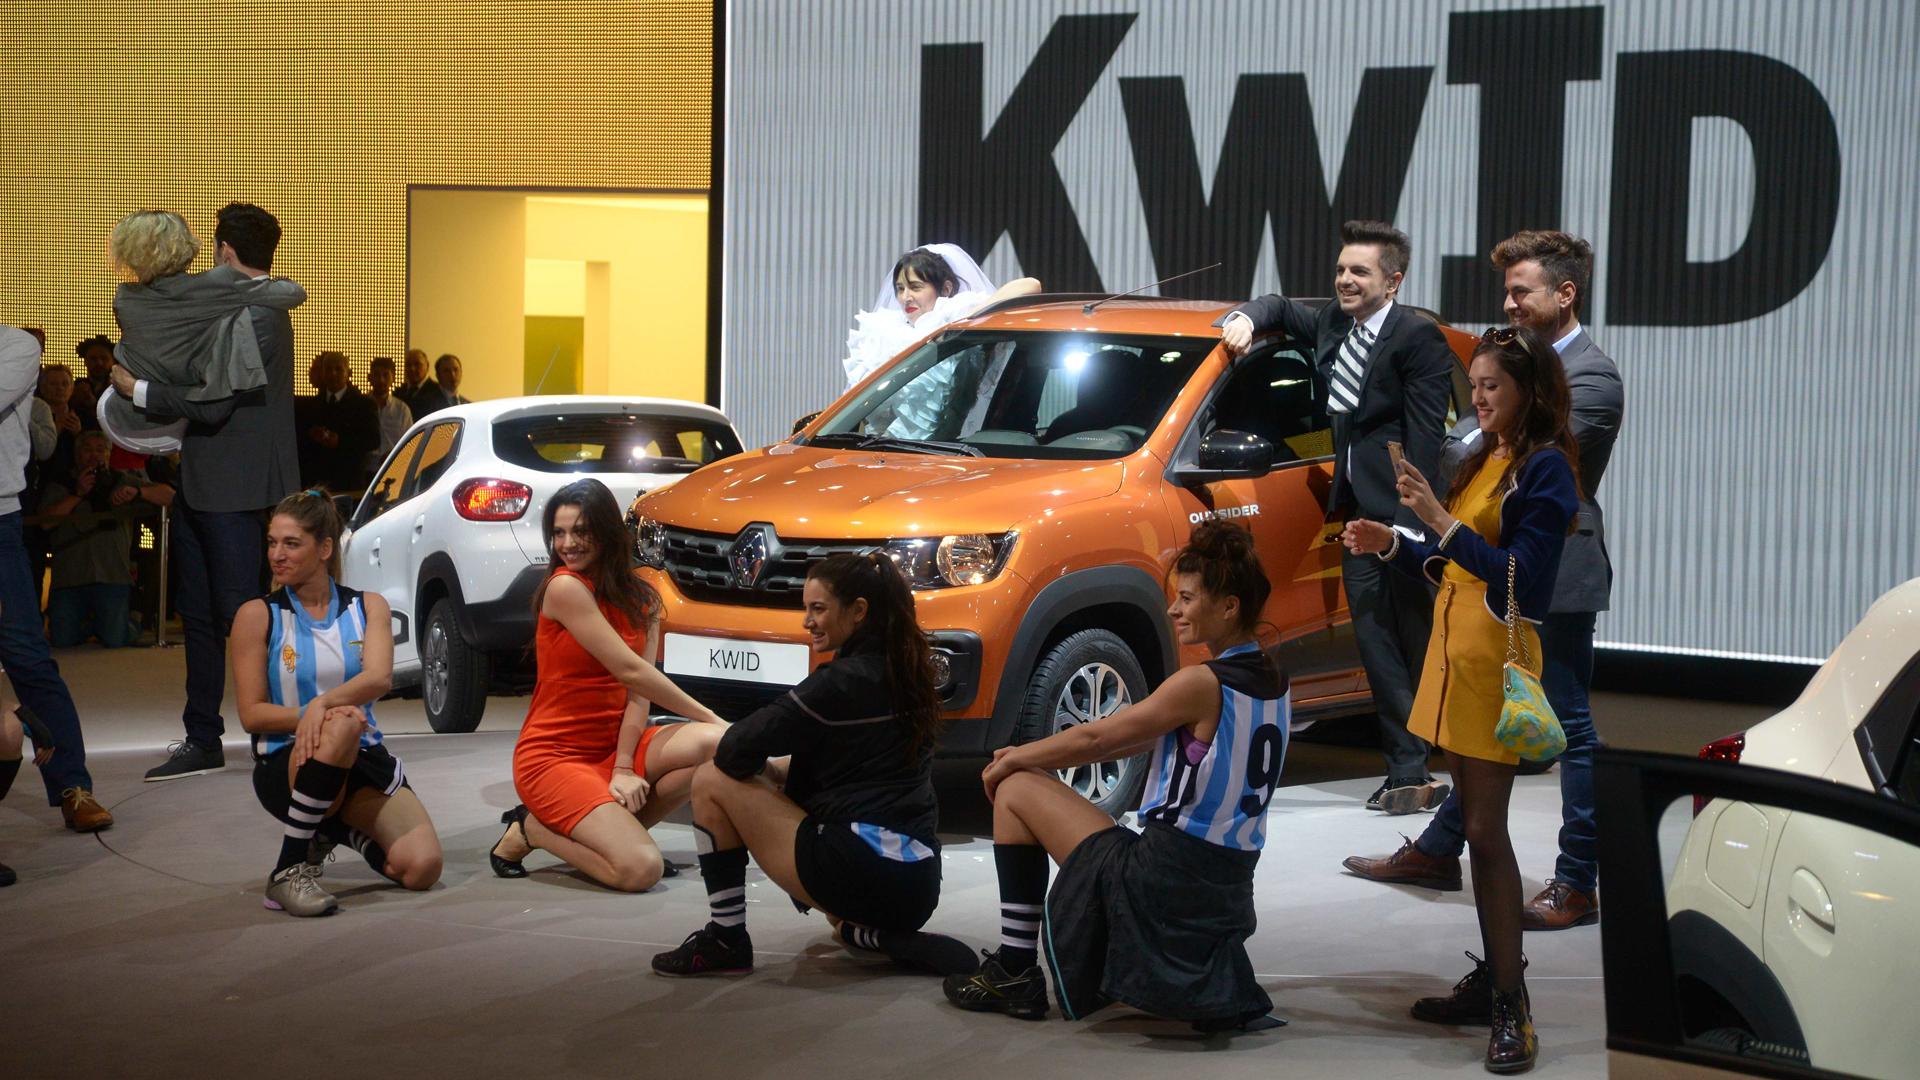 La presentación del Kwid en el Salón de Buenos Aires estuvo acompañada de un show repleto de famosos (Enrique Abatte)